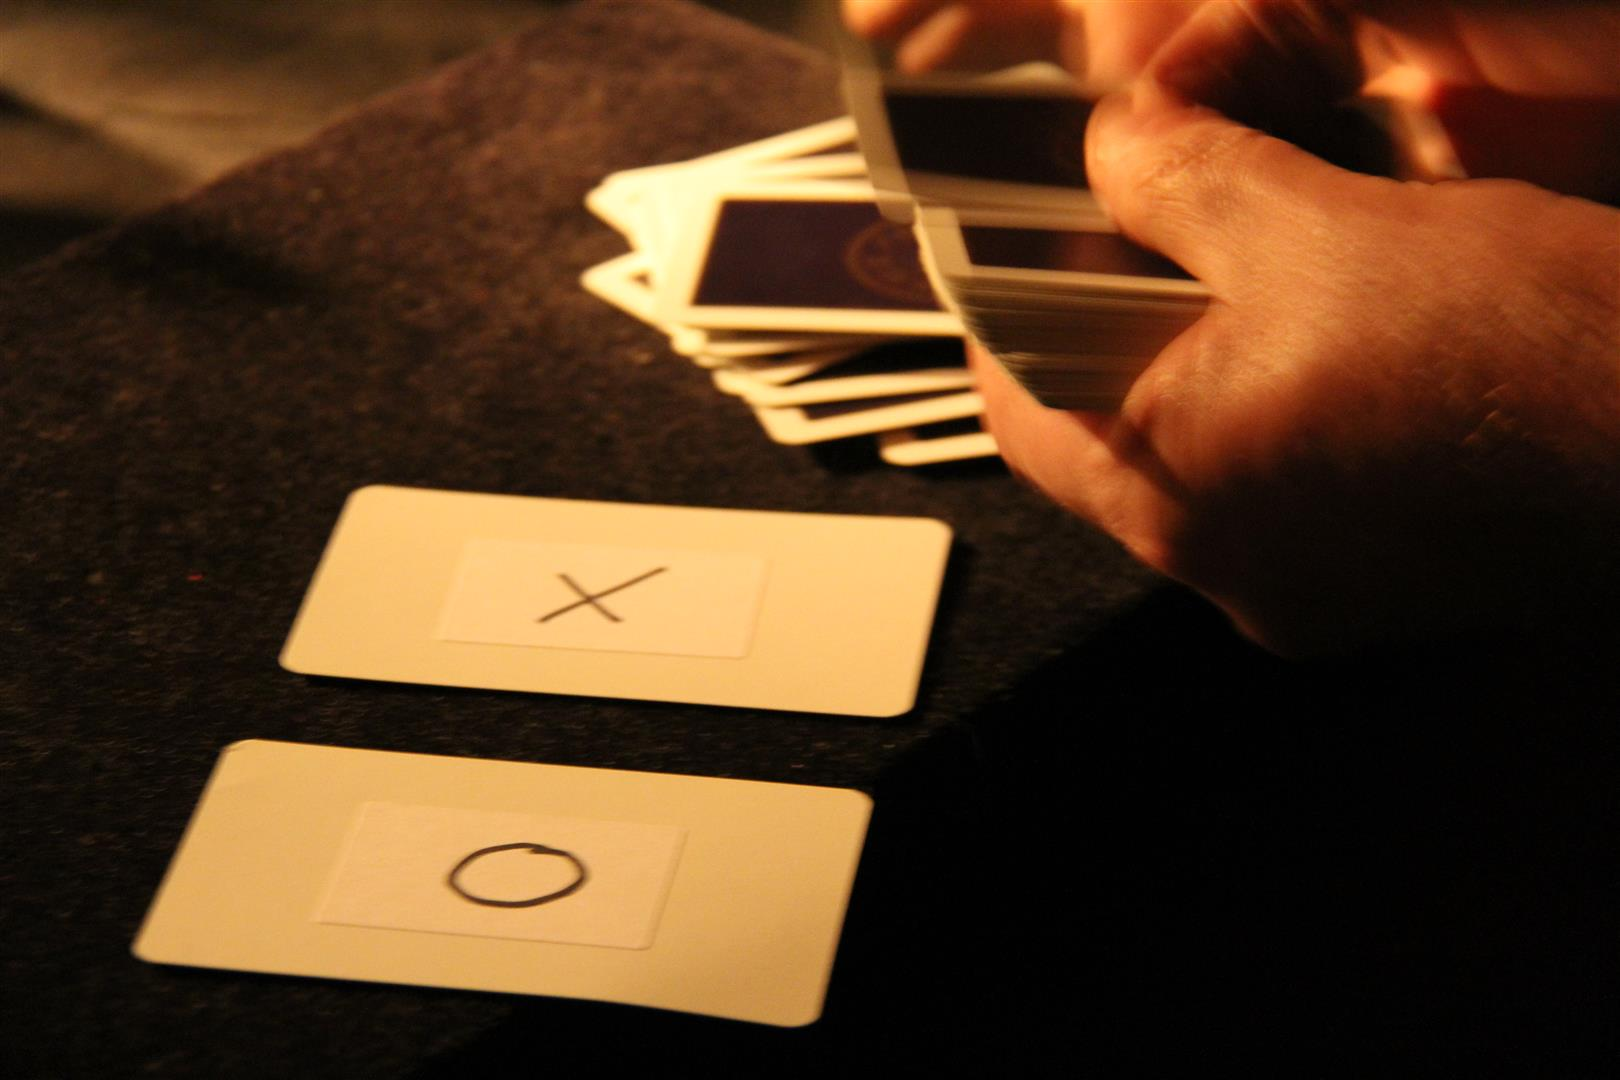 משחק הקוסם קליוסטרו